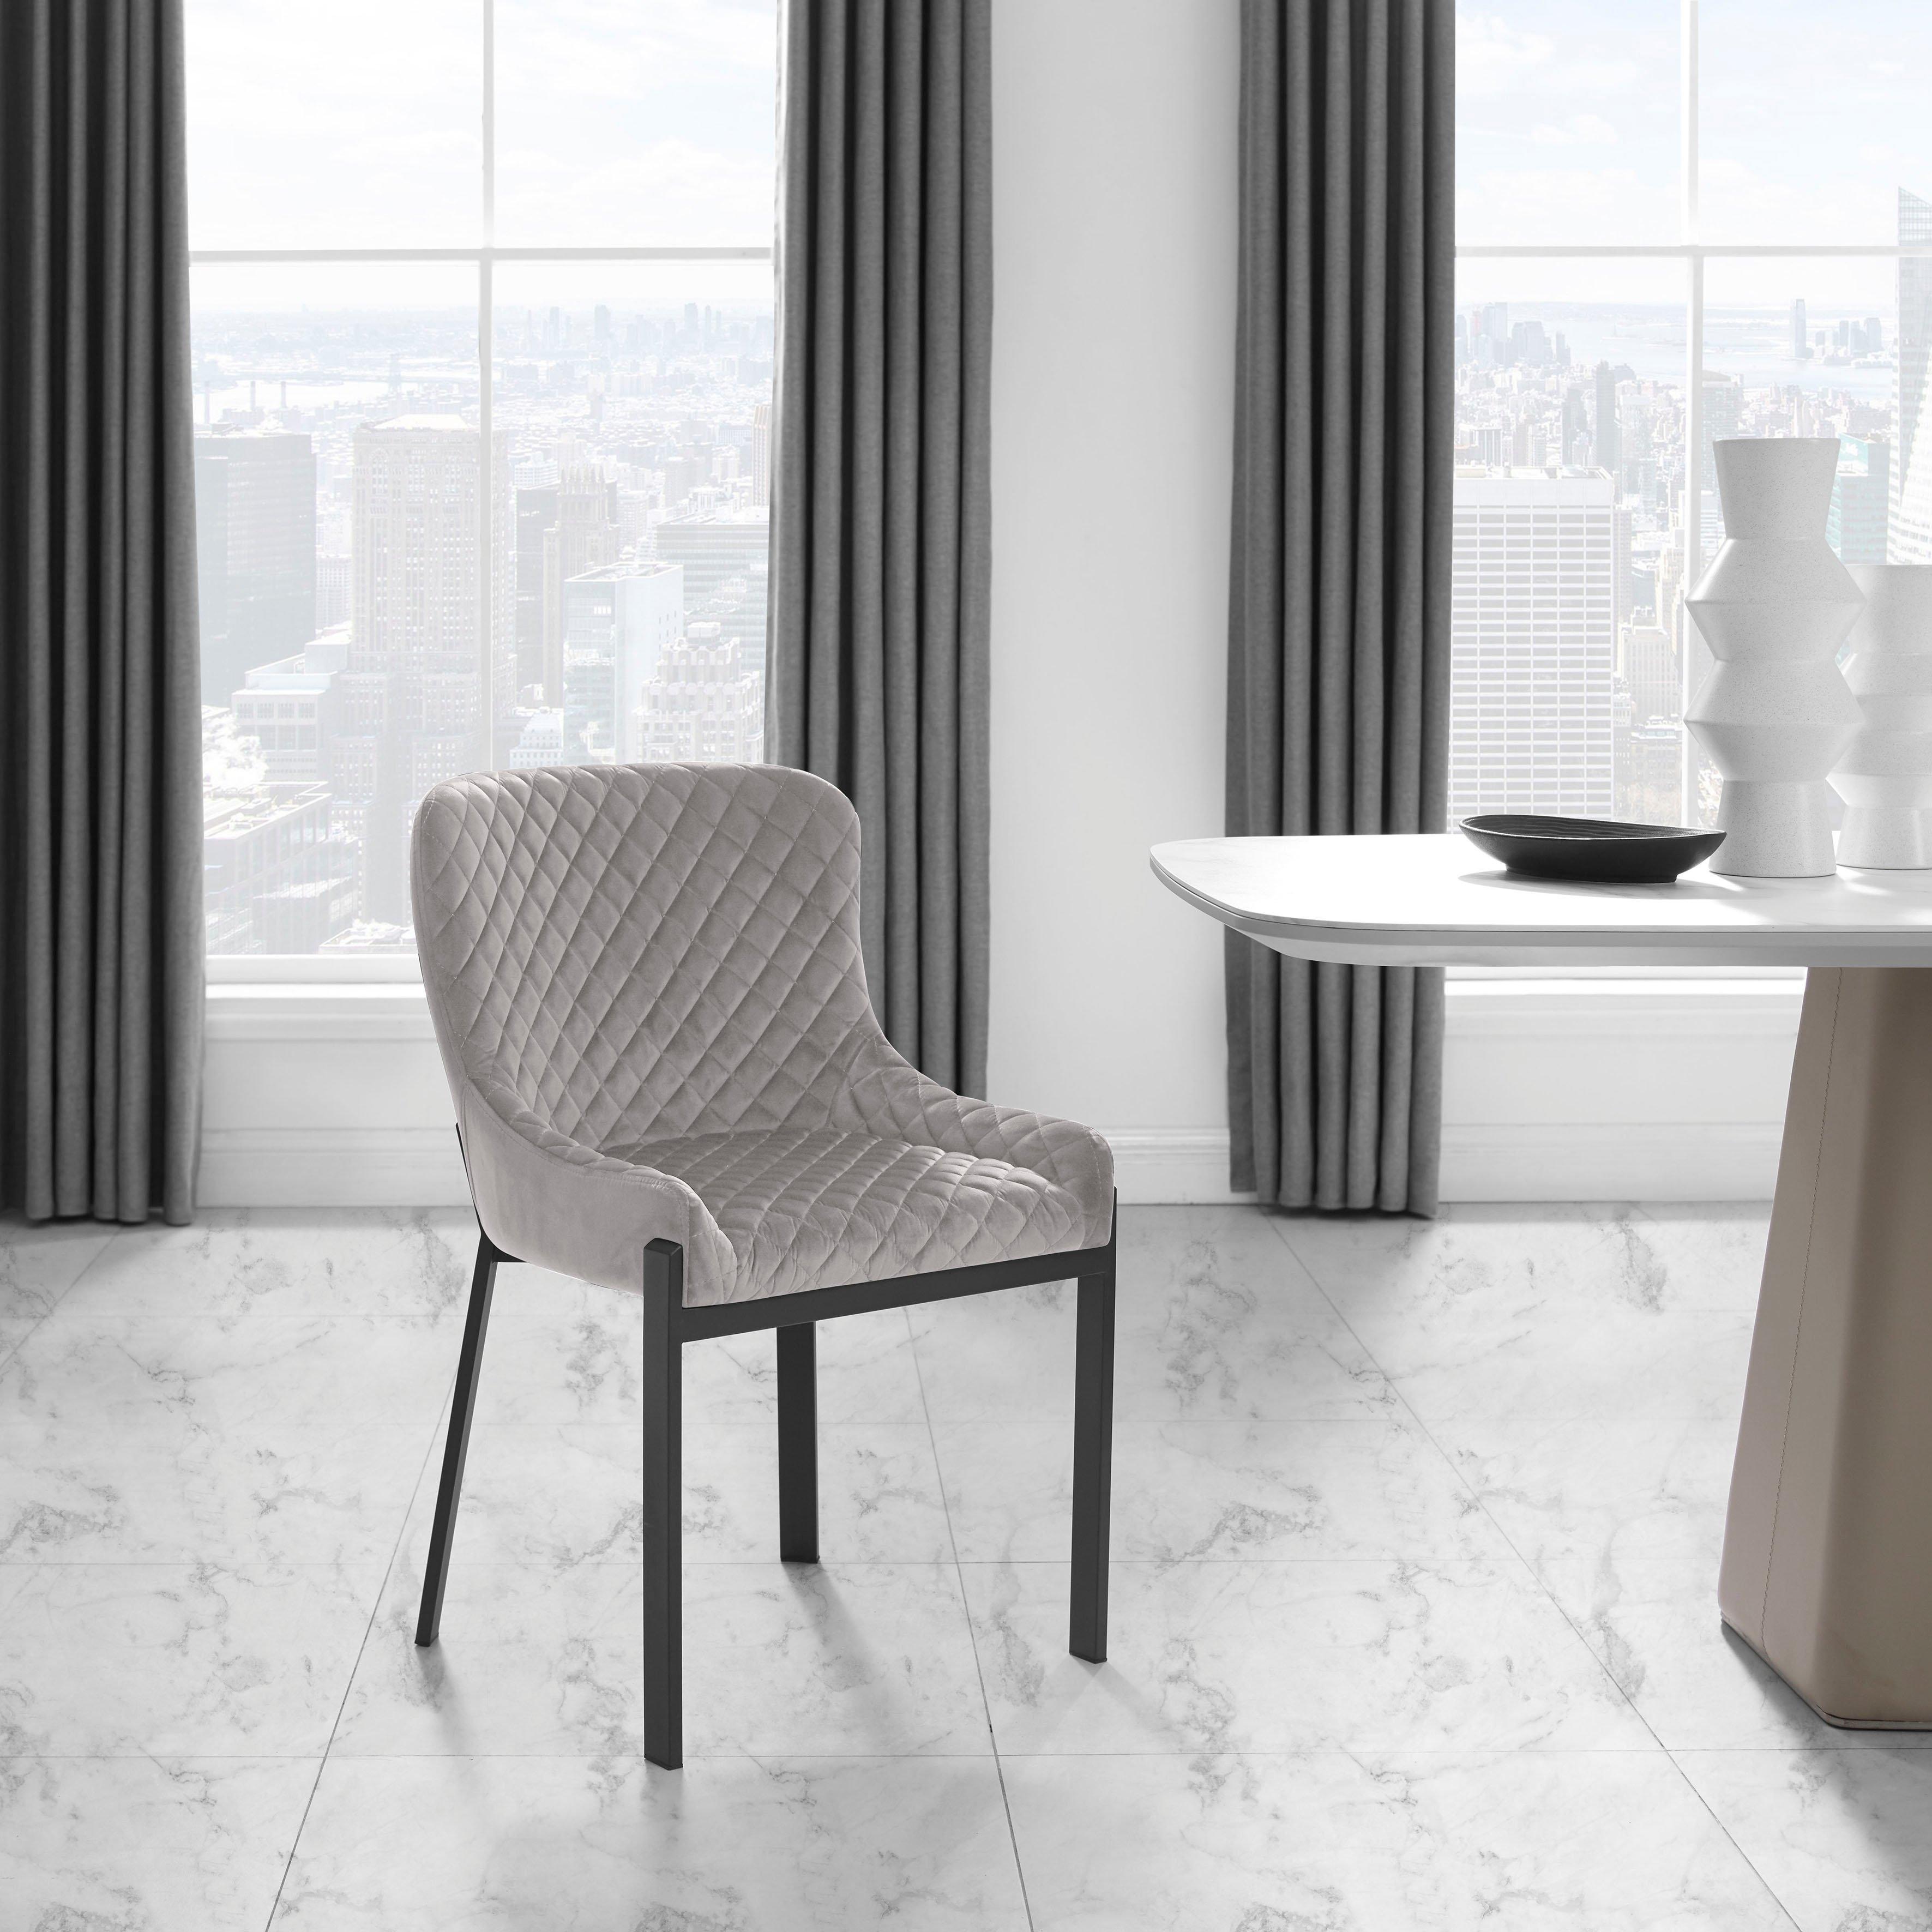 Places of Style Eetkamerstoel Medford set van 2, zacht verdikte zitting en rugleuning, modern design (set) bij OTTO online kopen